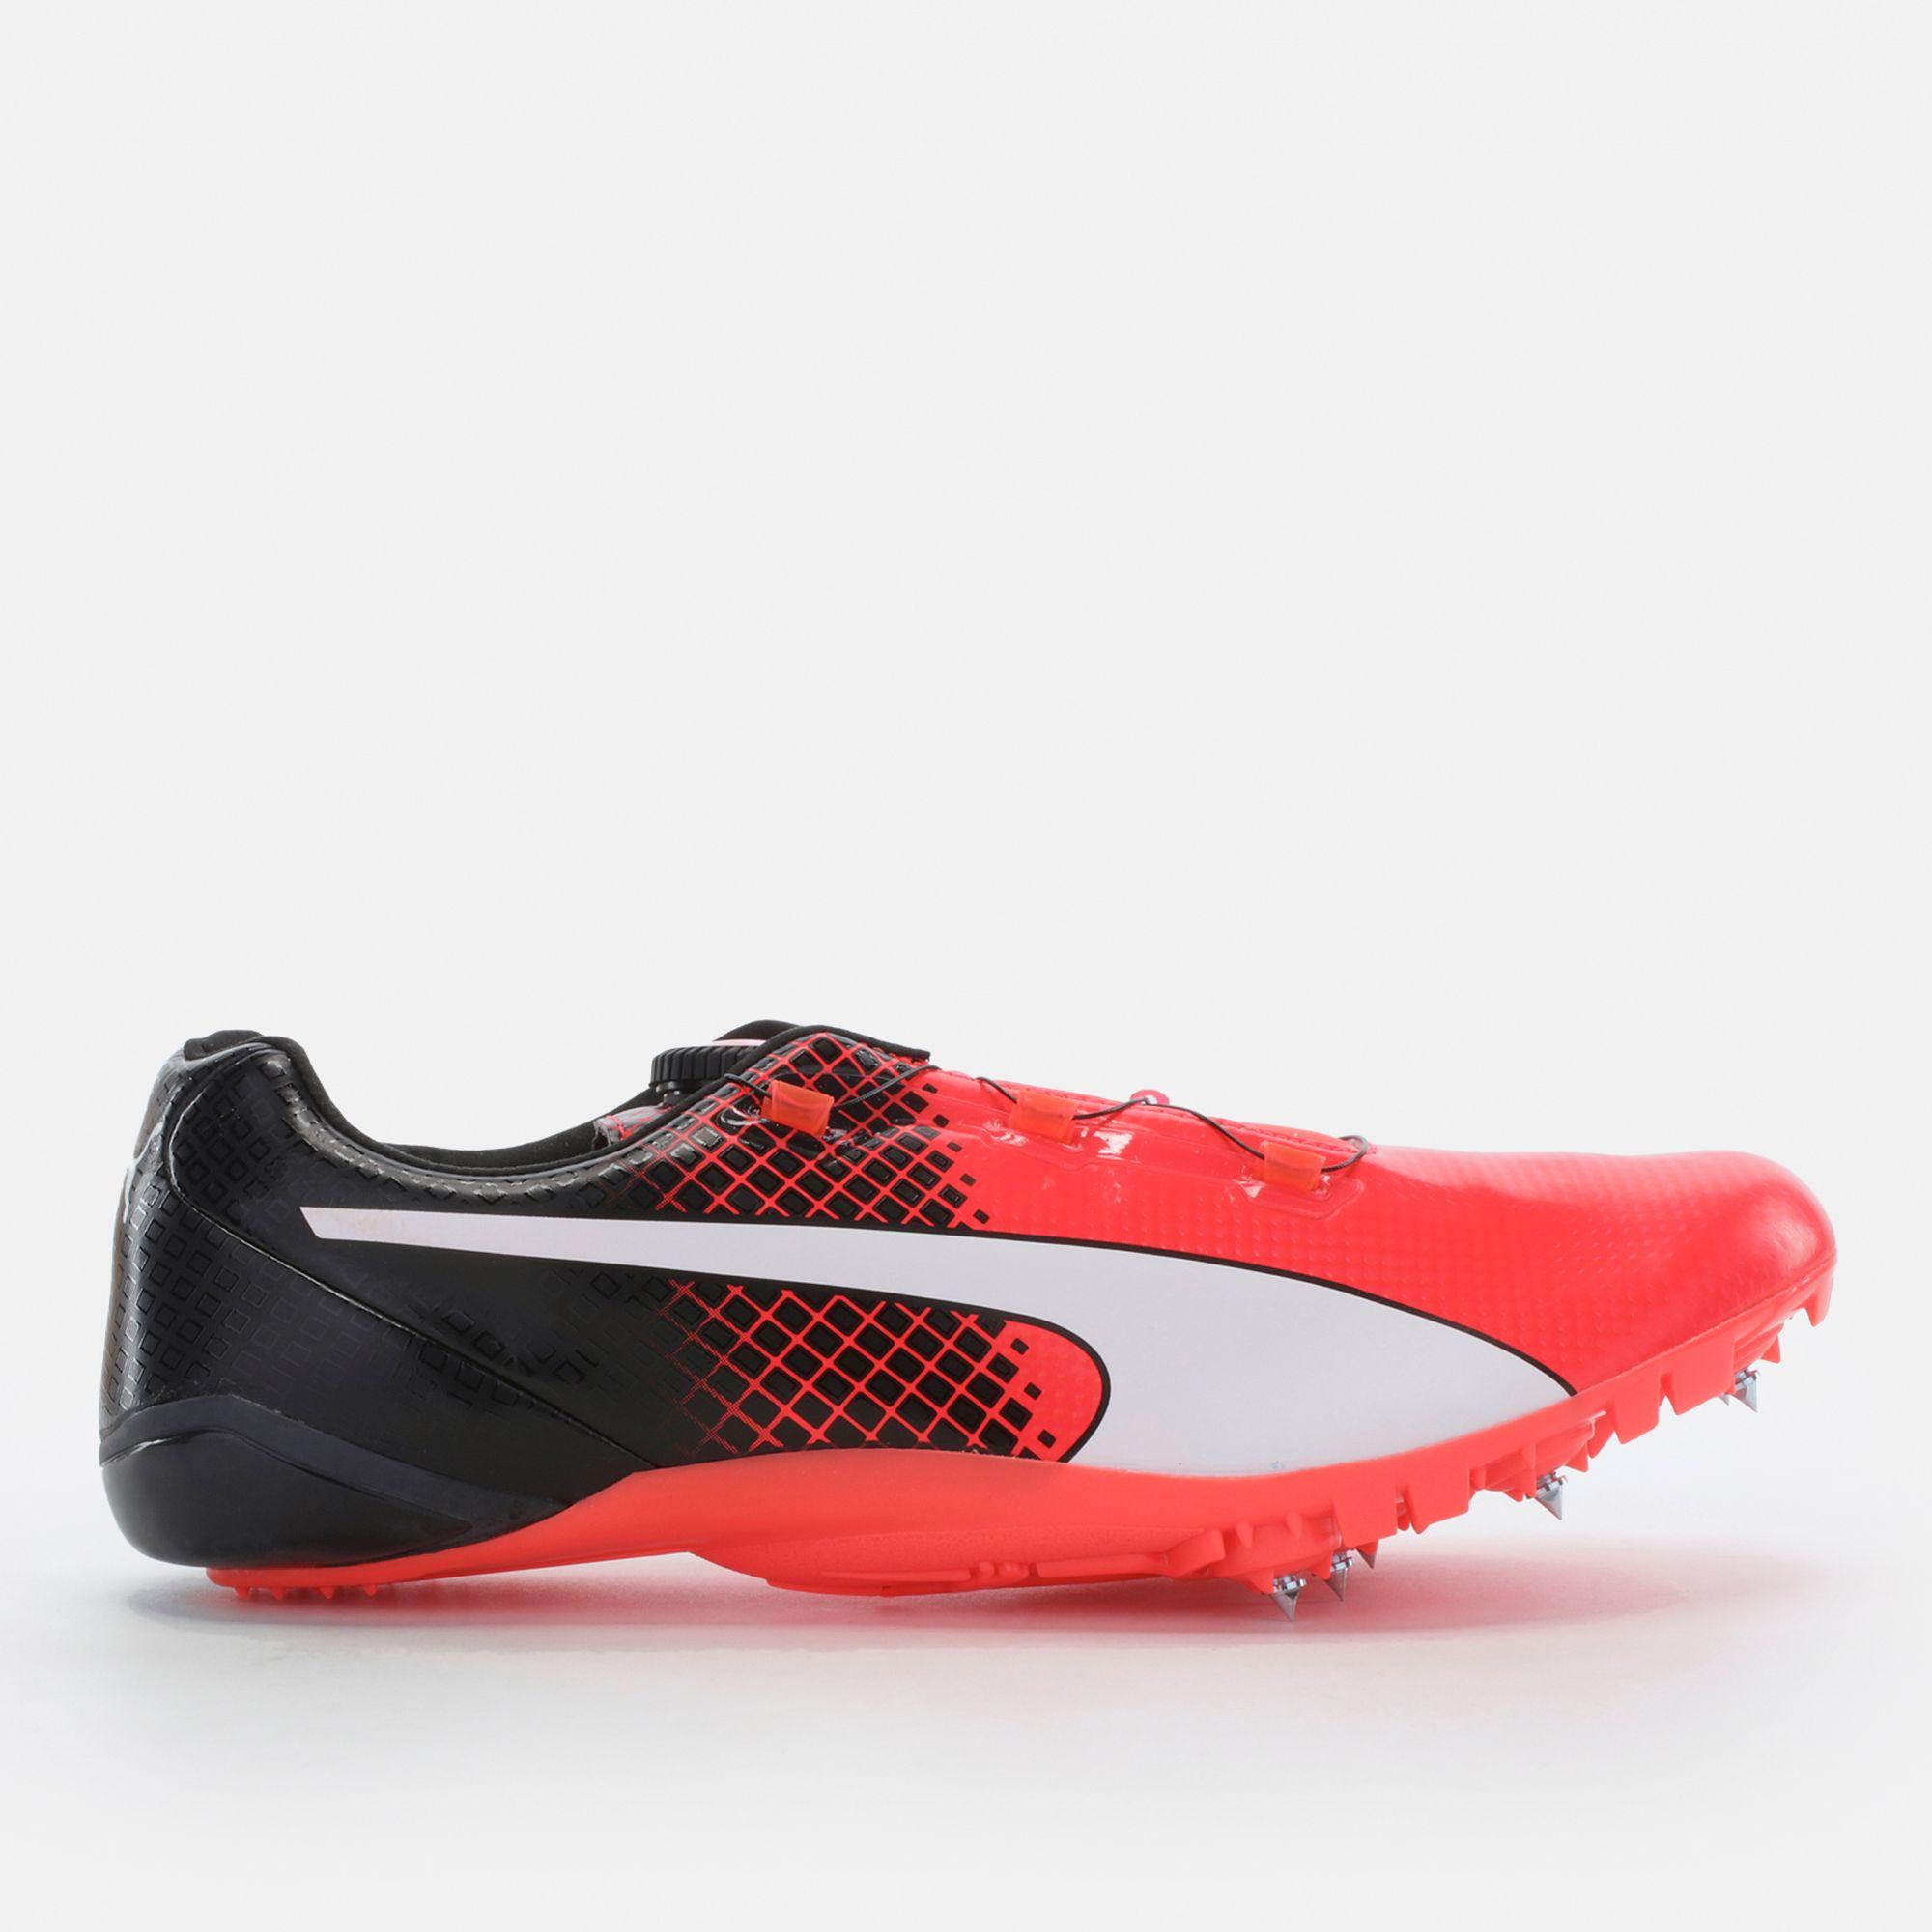 5c39a7cb2cc4 Shop Black PUMA evoSPEED Disc Sprint Spike Track Shoe for Mens by ...